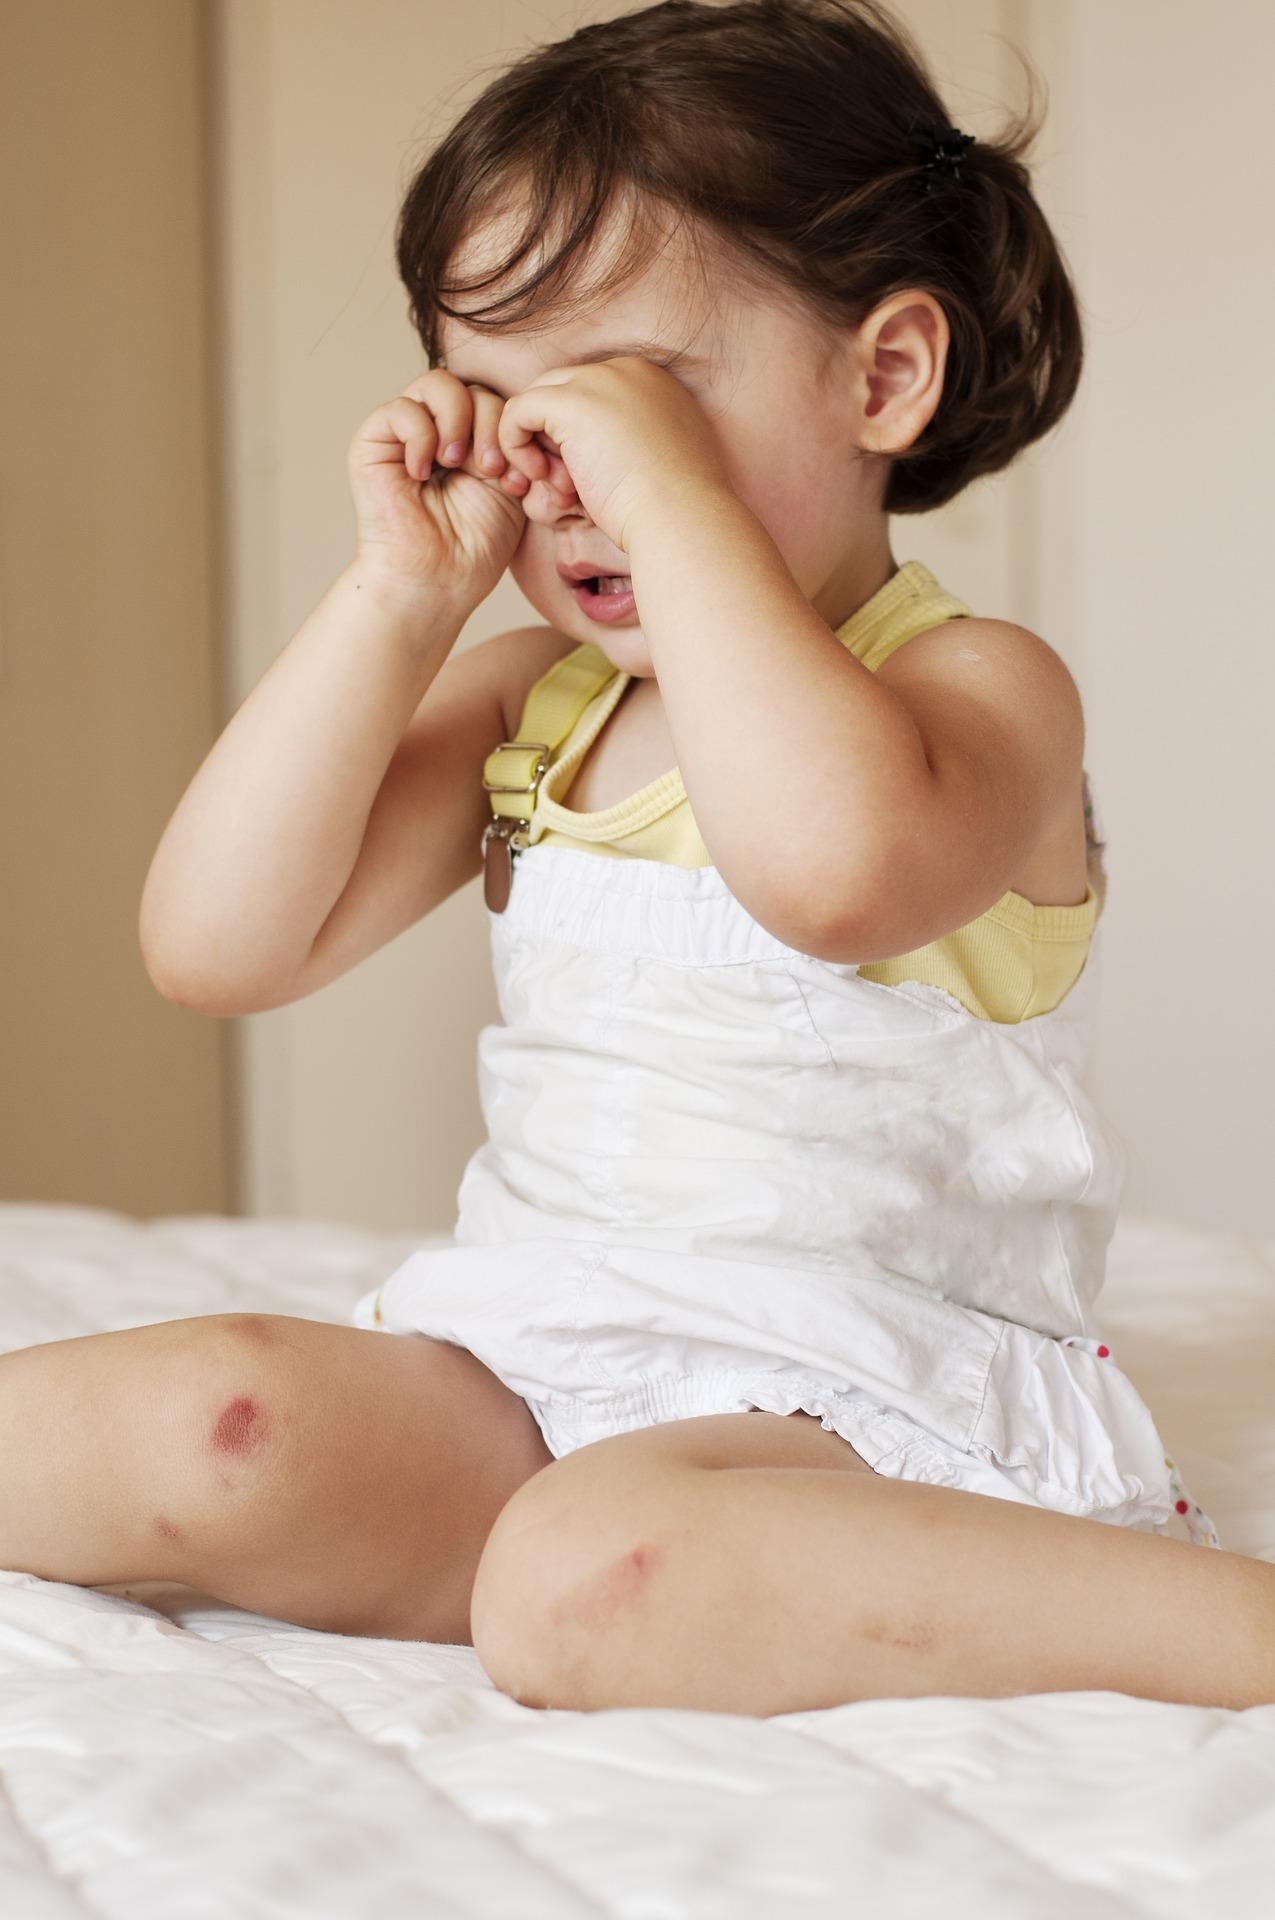 child-3182907_1920.jpg